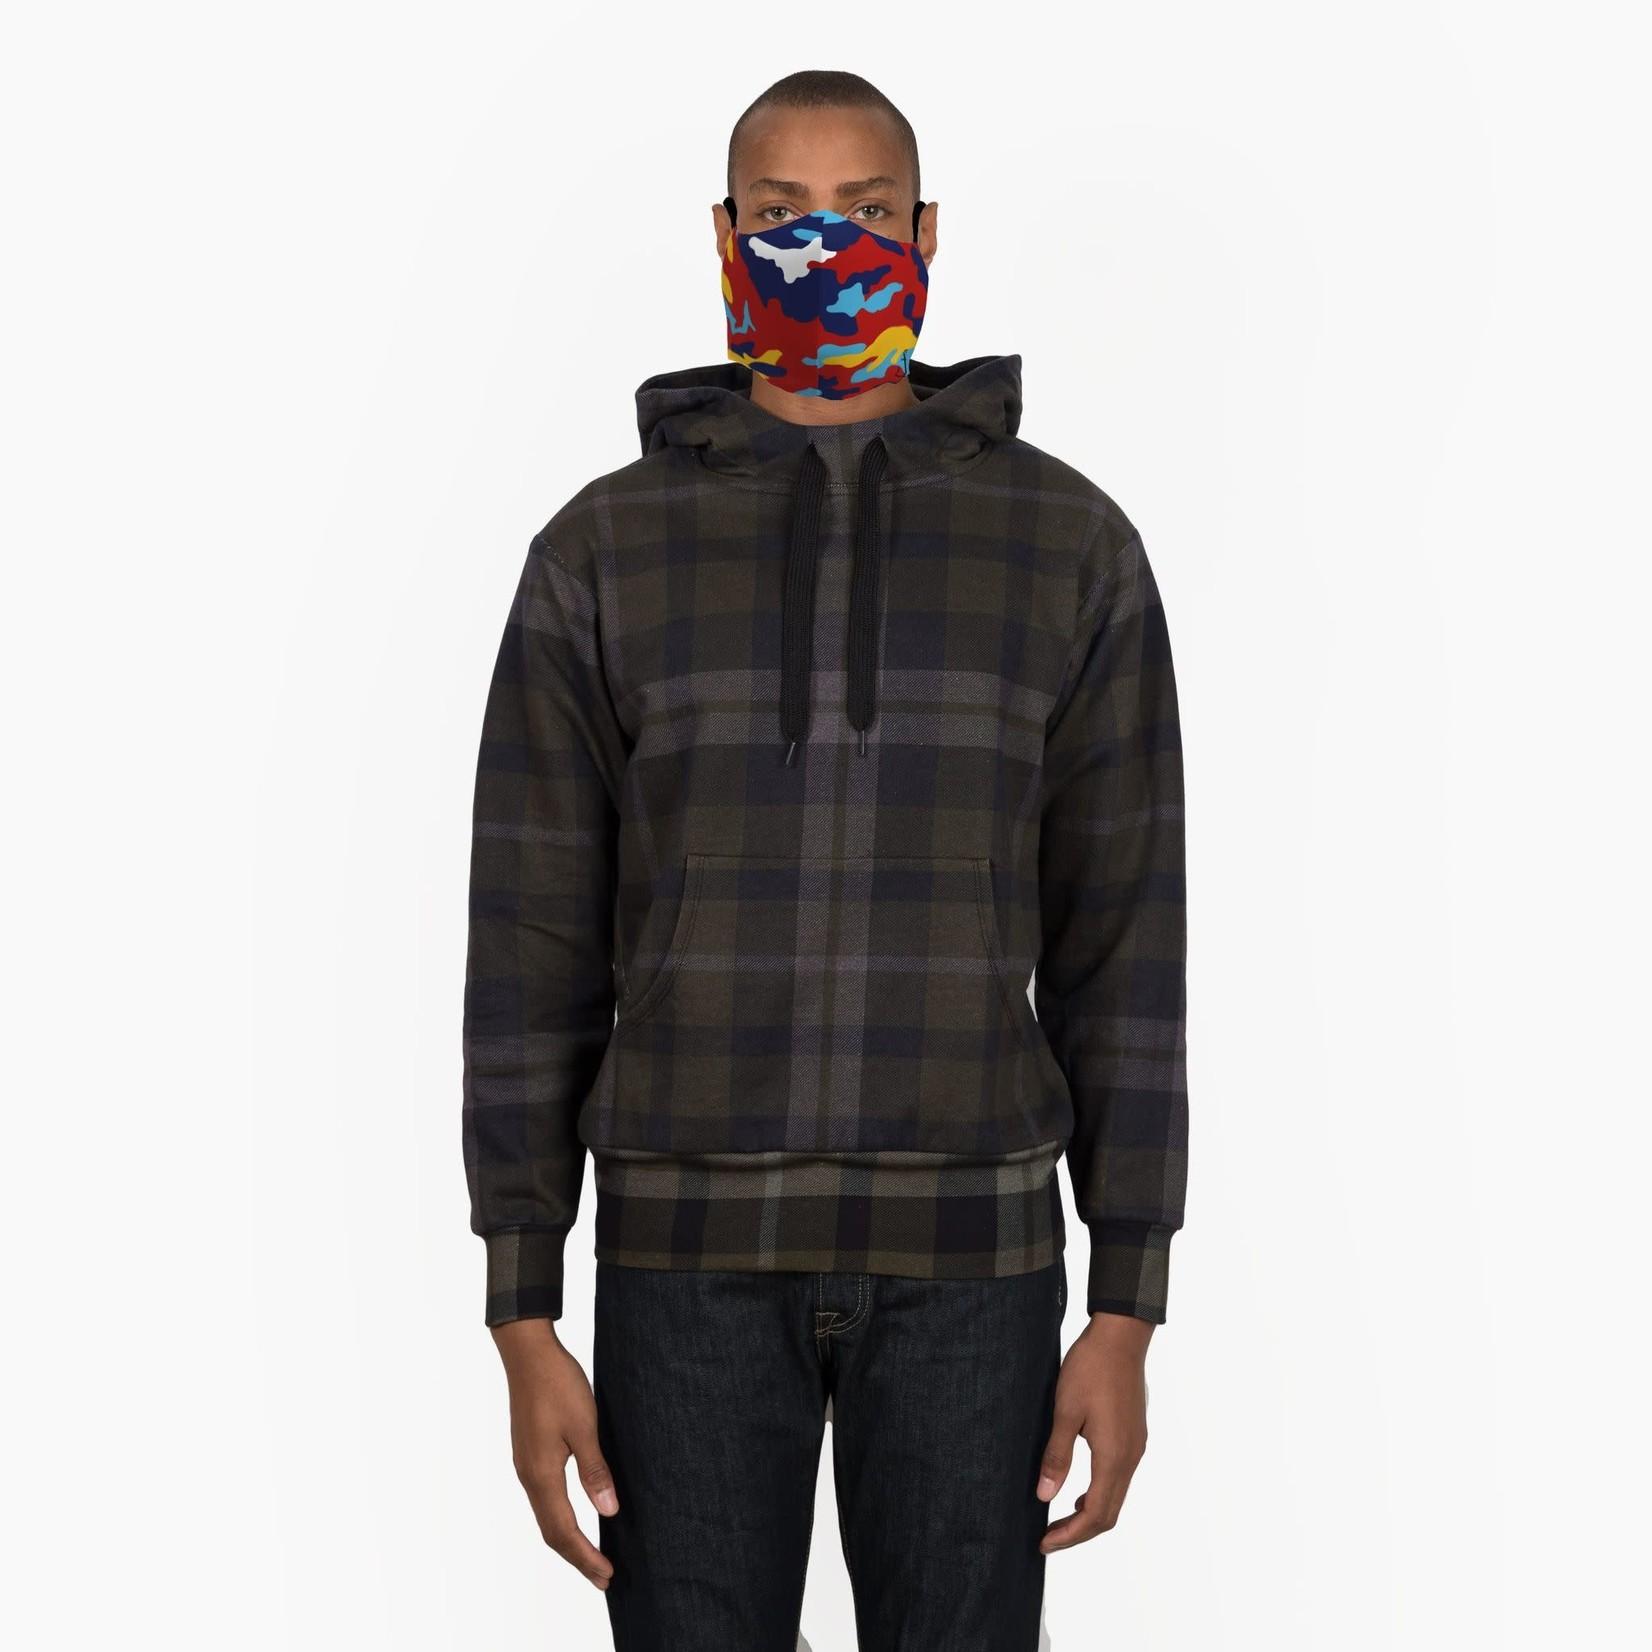 JCRT JCRT The FDNY Camouflage Face Mask